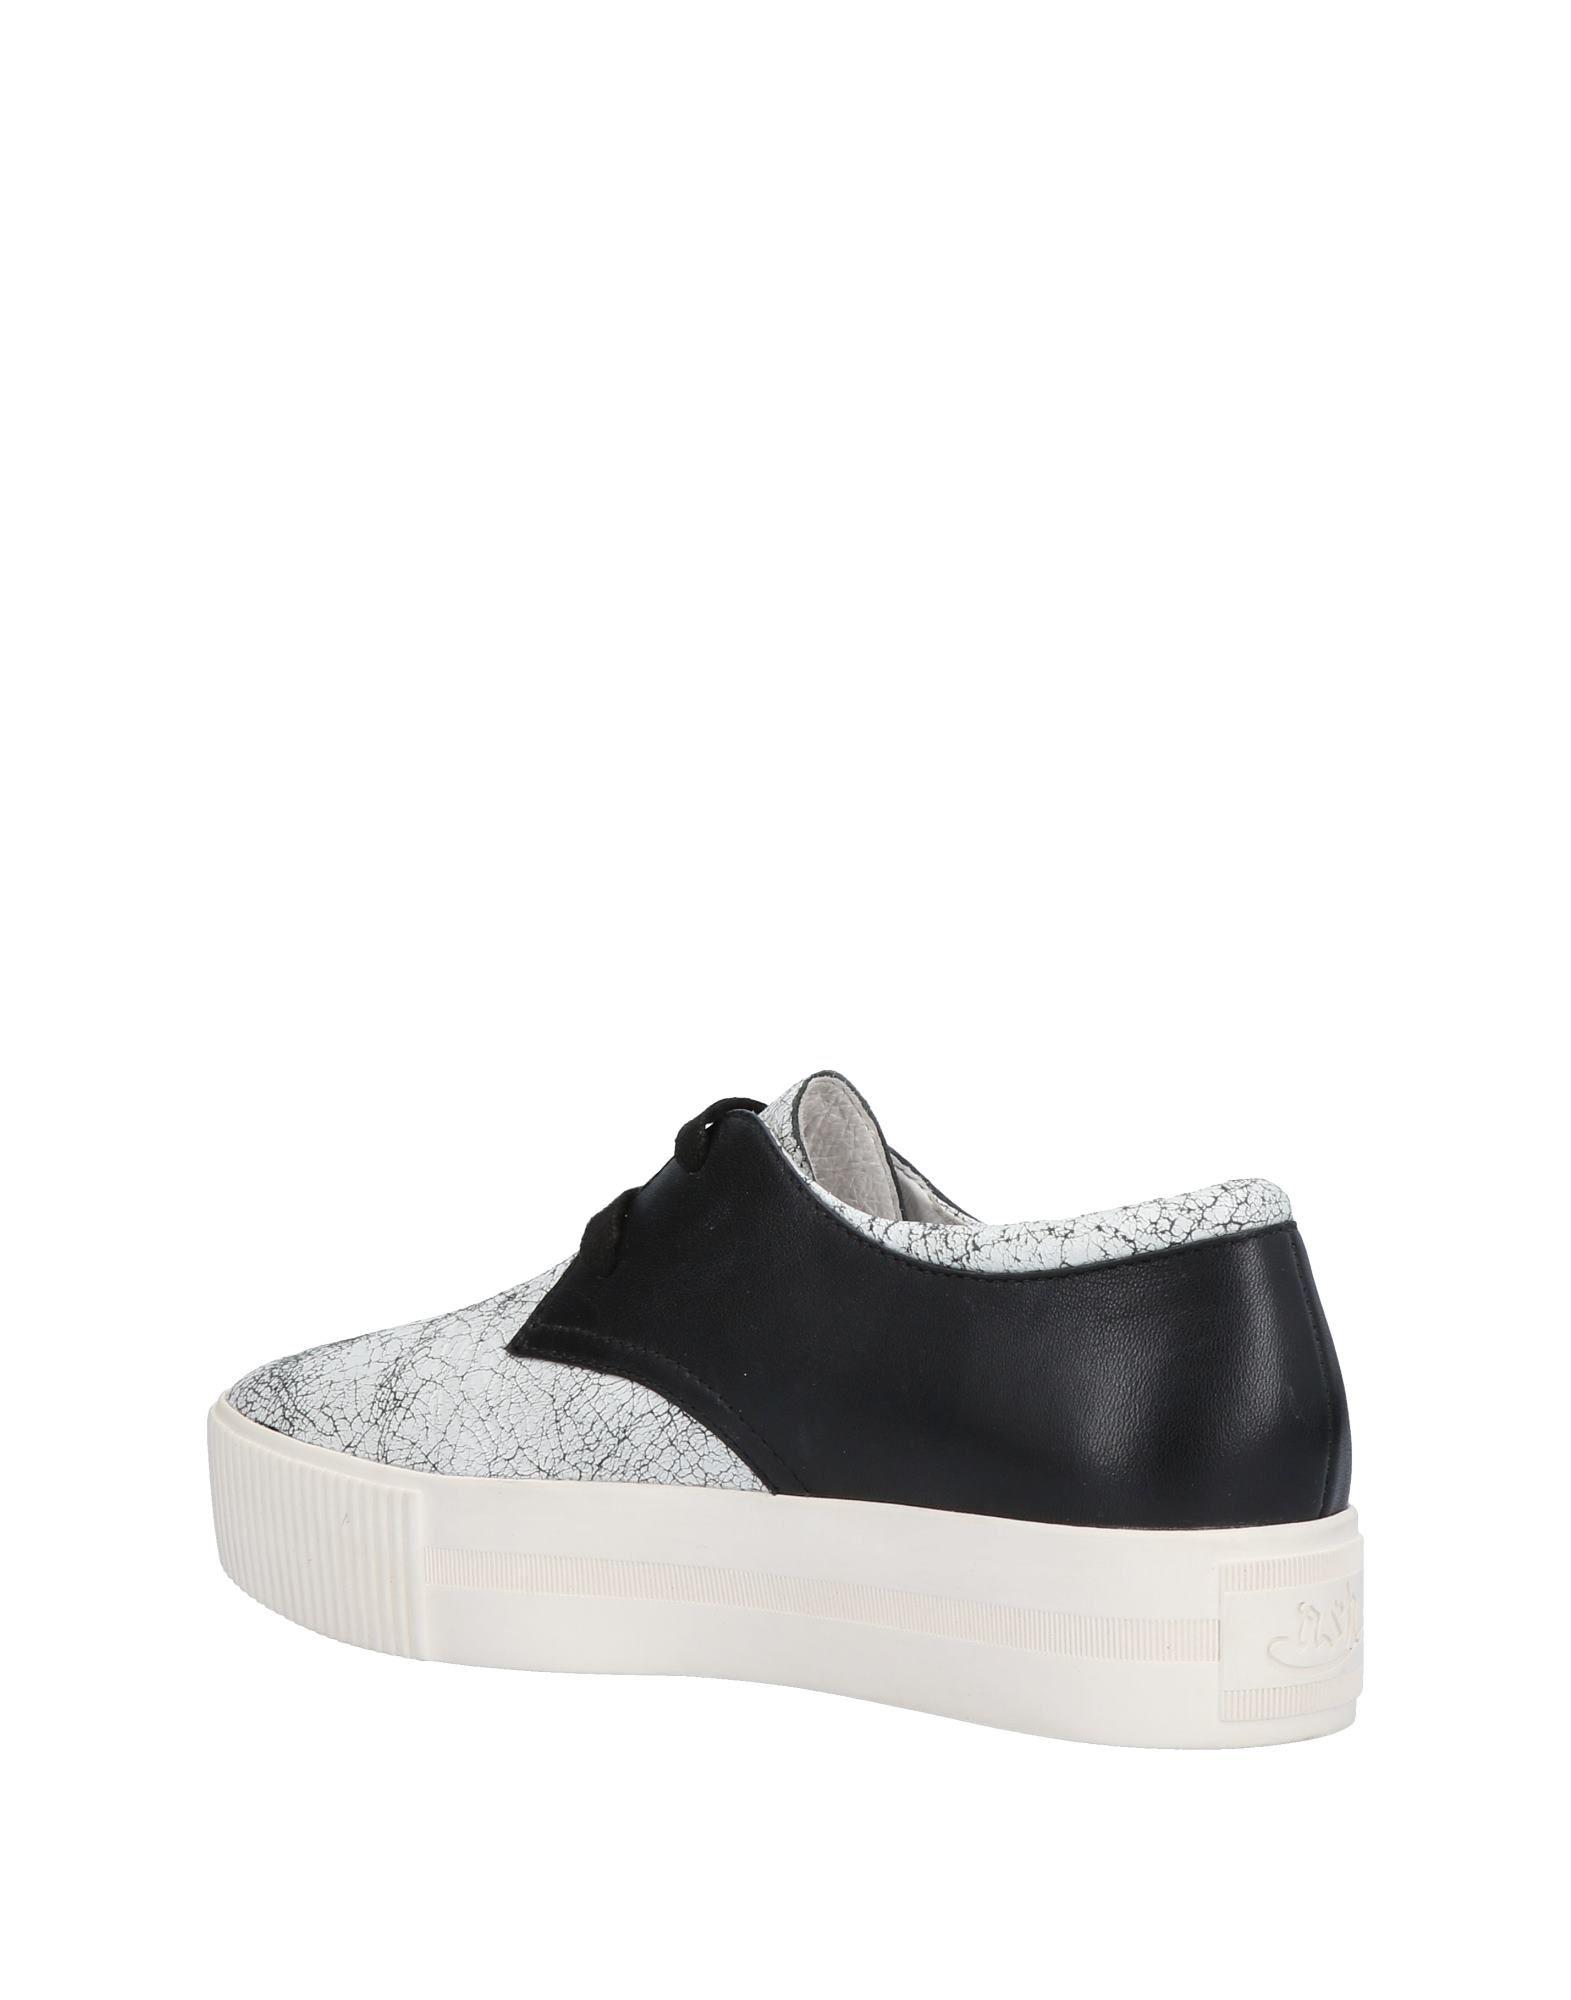 Scarpe economiche e resistenti Sneakers Ash Donna - 11461552HO